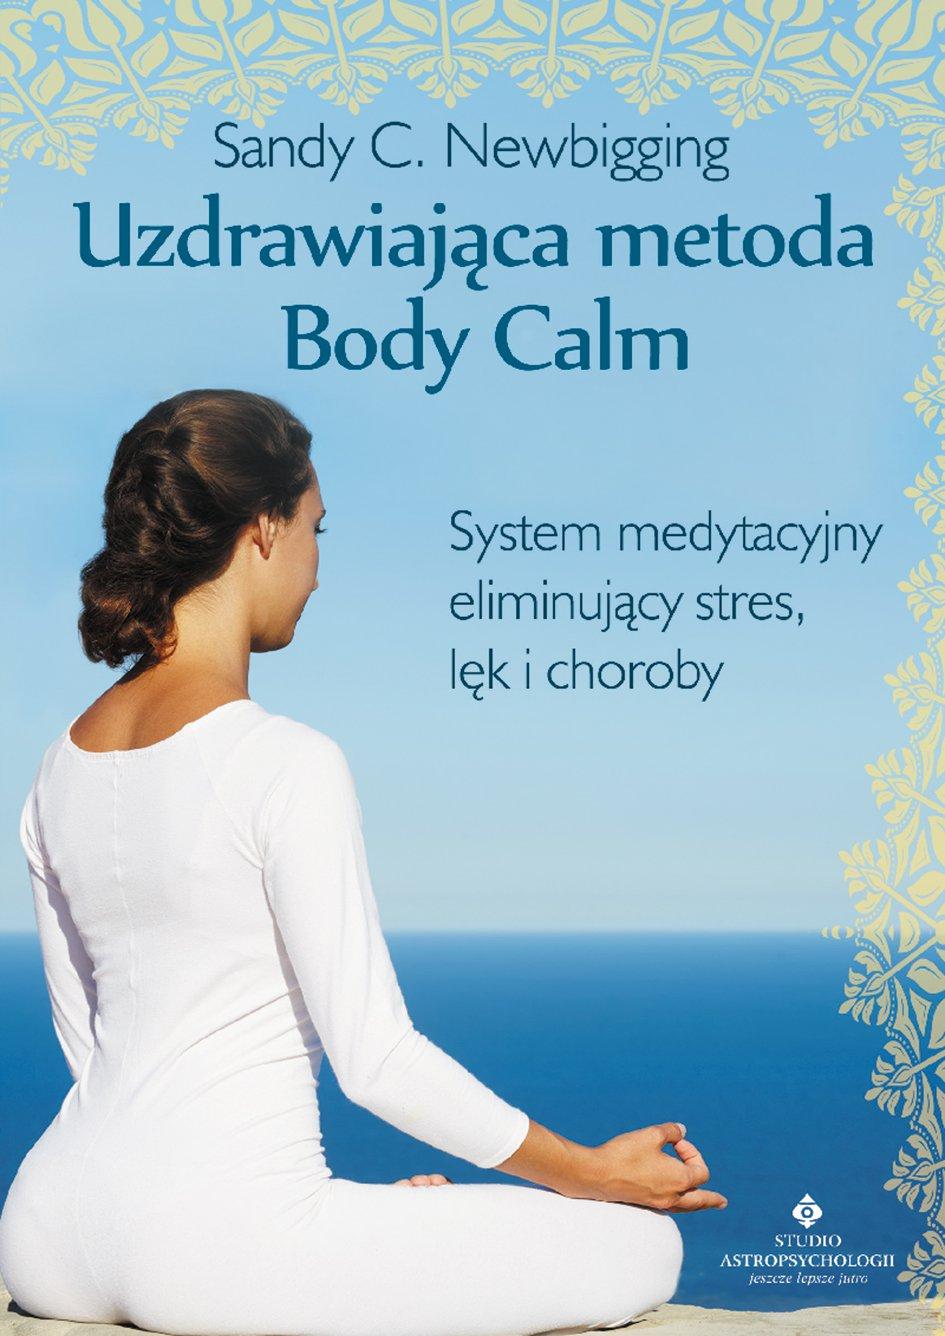 Uzdrawiająca metoda Body Calm. System medytacyjny eliminujący stres, lęk i choroby - Ebook (Książka na Kindle) do pobrania w formacie MOBI